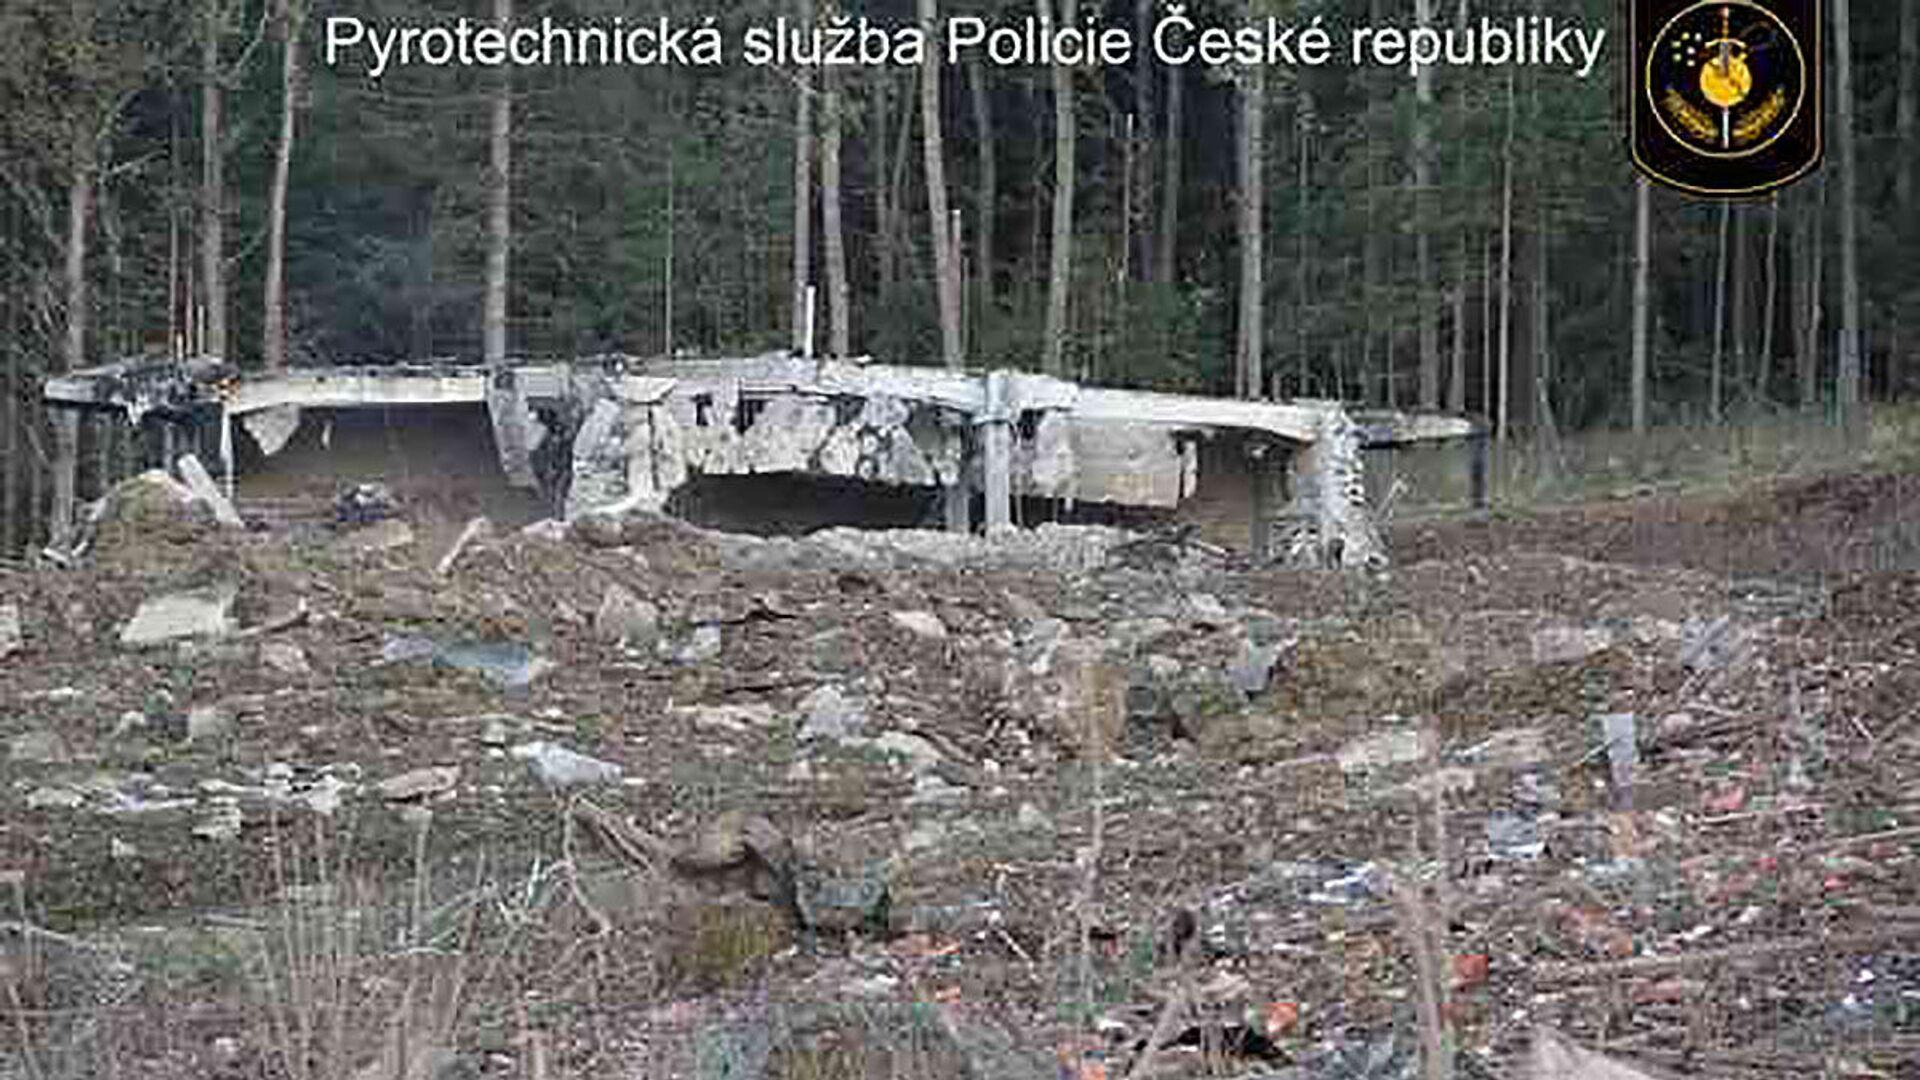 Wysadzenie składu z amunicją we  Vrběticach w 2014 roku - Sputnik Polska, 1920, 30.07.2021